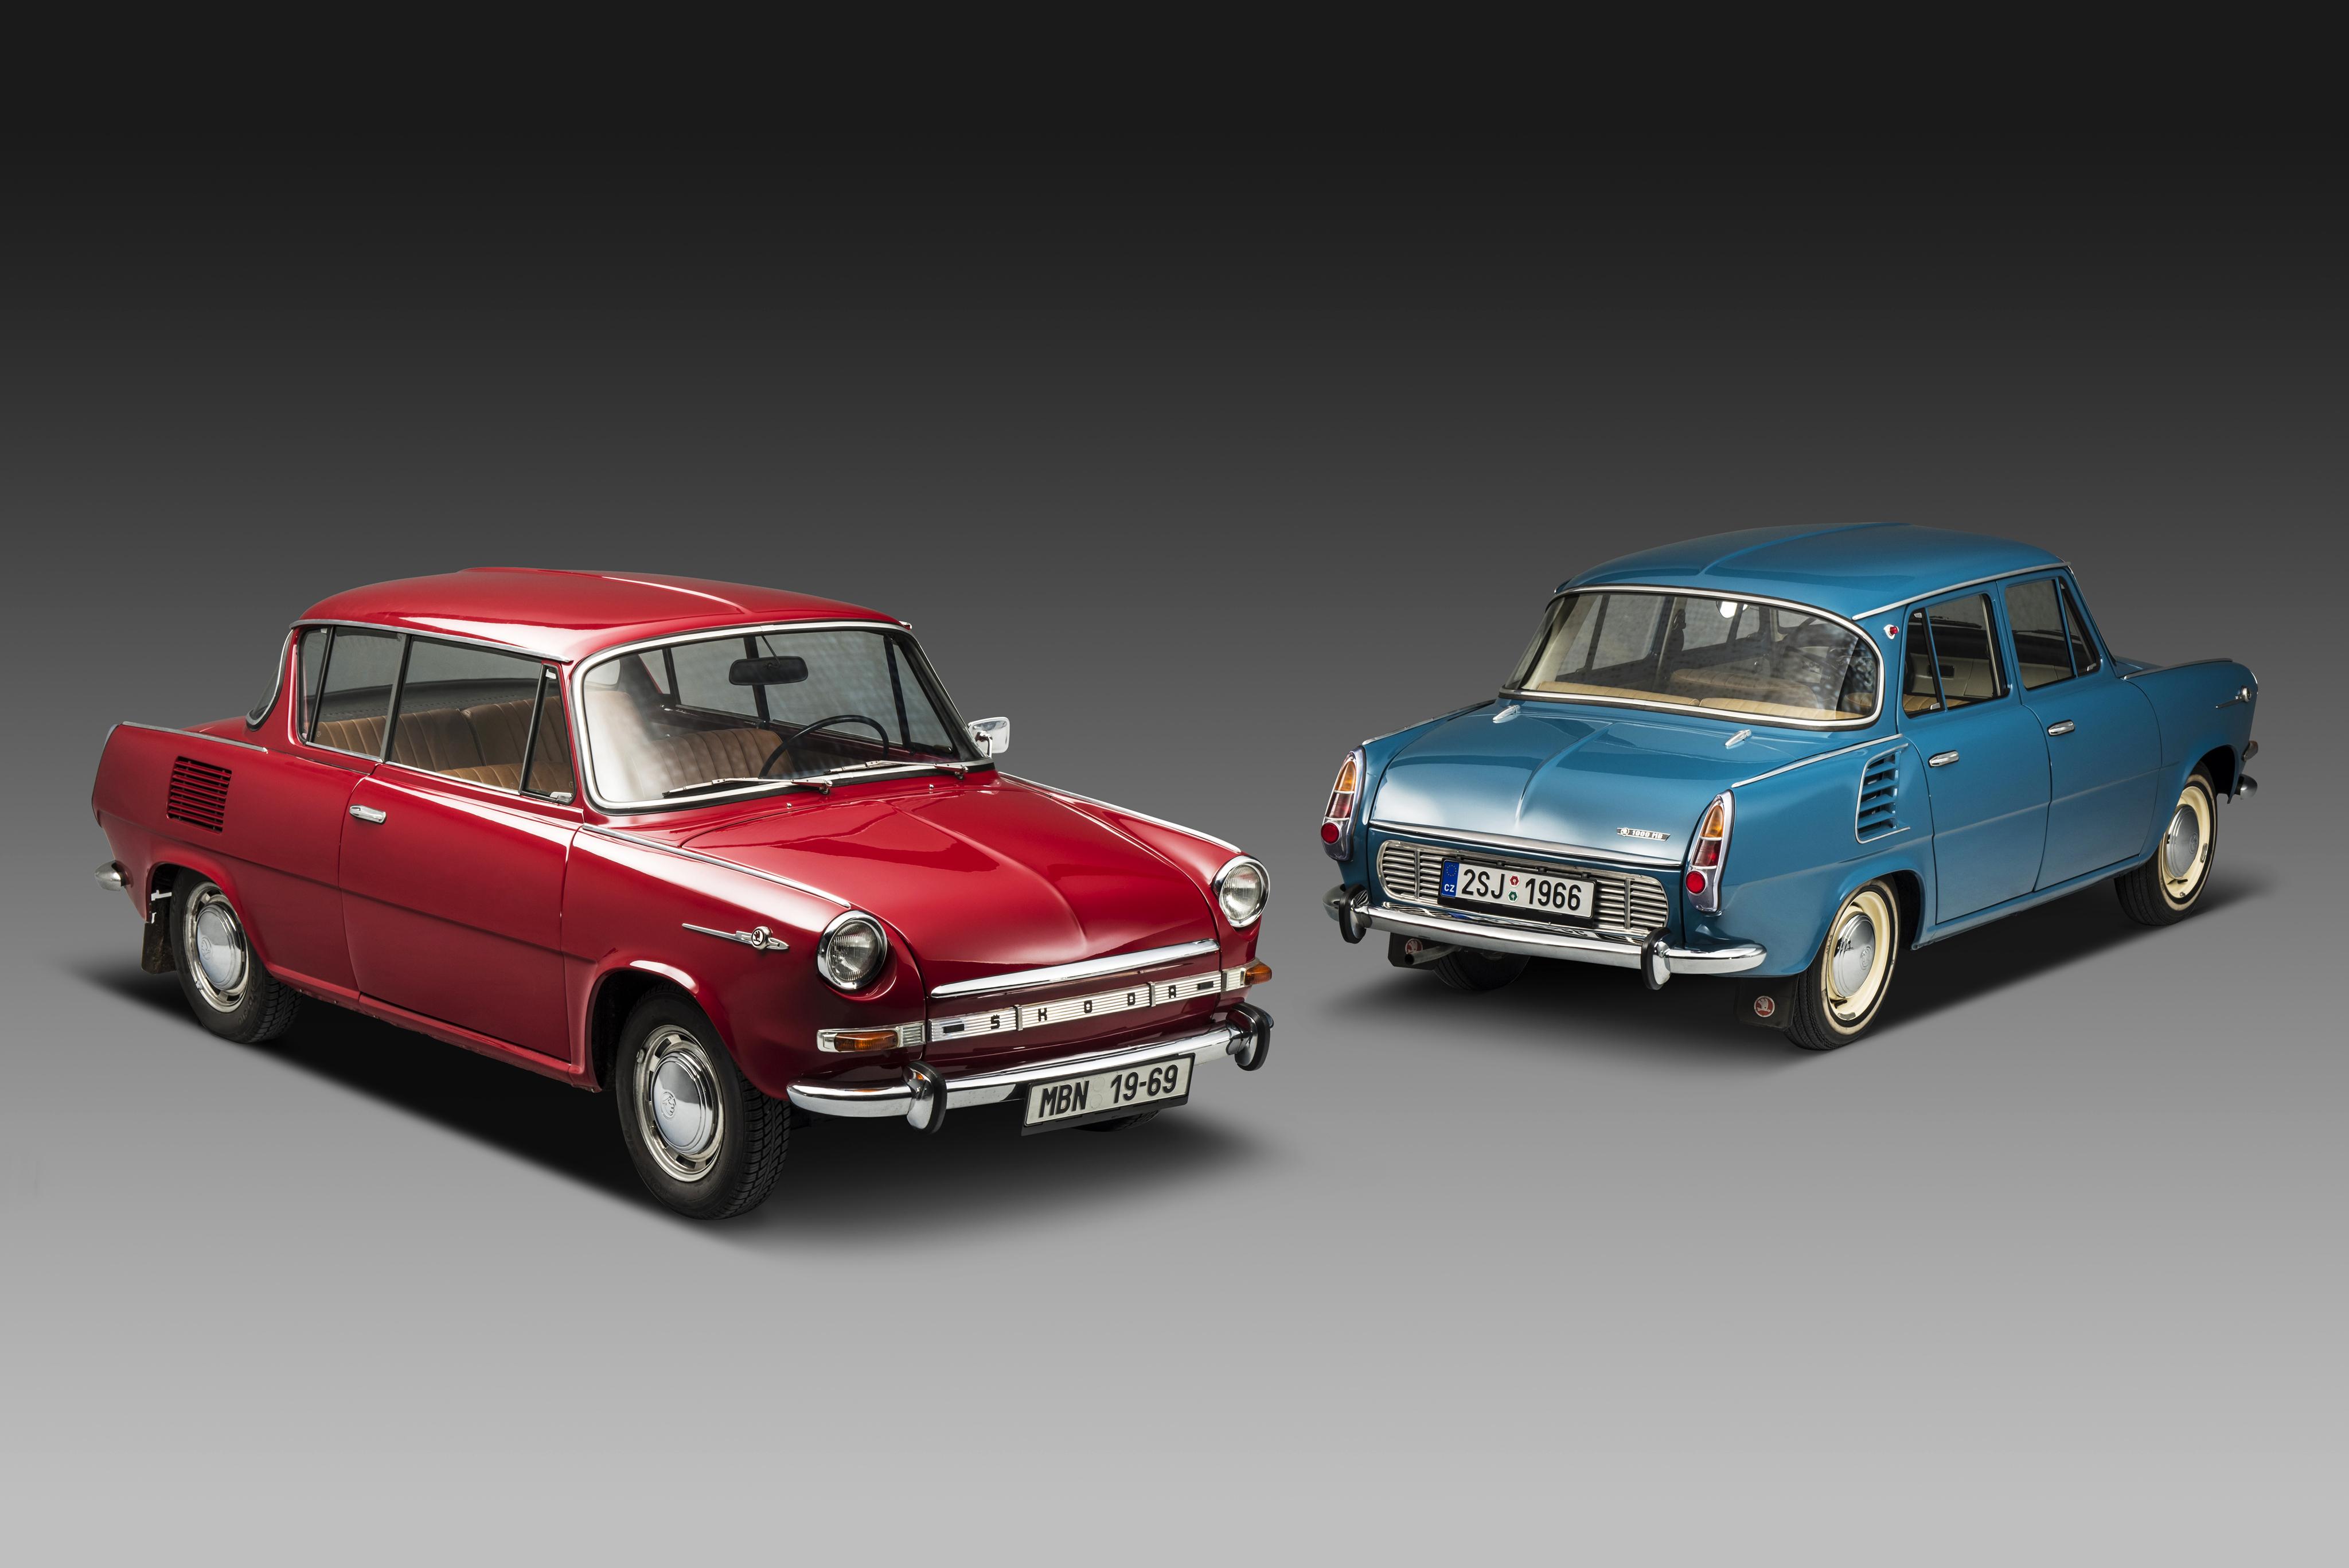 Картинки Skoda 1966-167 Škoda 1000-1100 MB две Ретро Красный голубых авто Металлик 4096x2734 Шкода 2 два Двое винтаж вдвоем красная красные красных голубая голубые Голубой старинные машина машины Автомобили автомобиль